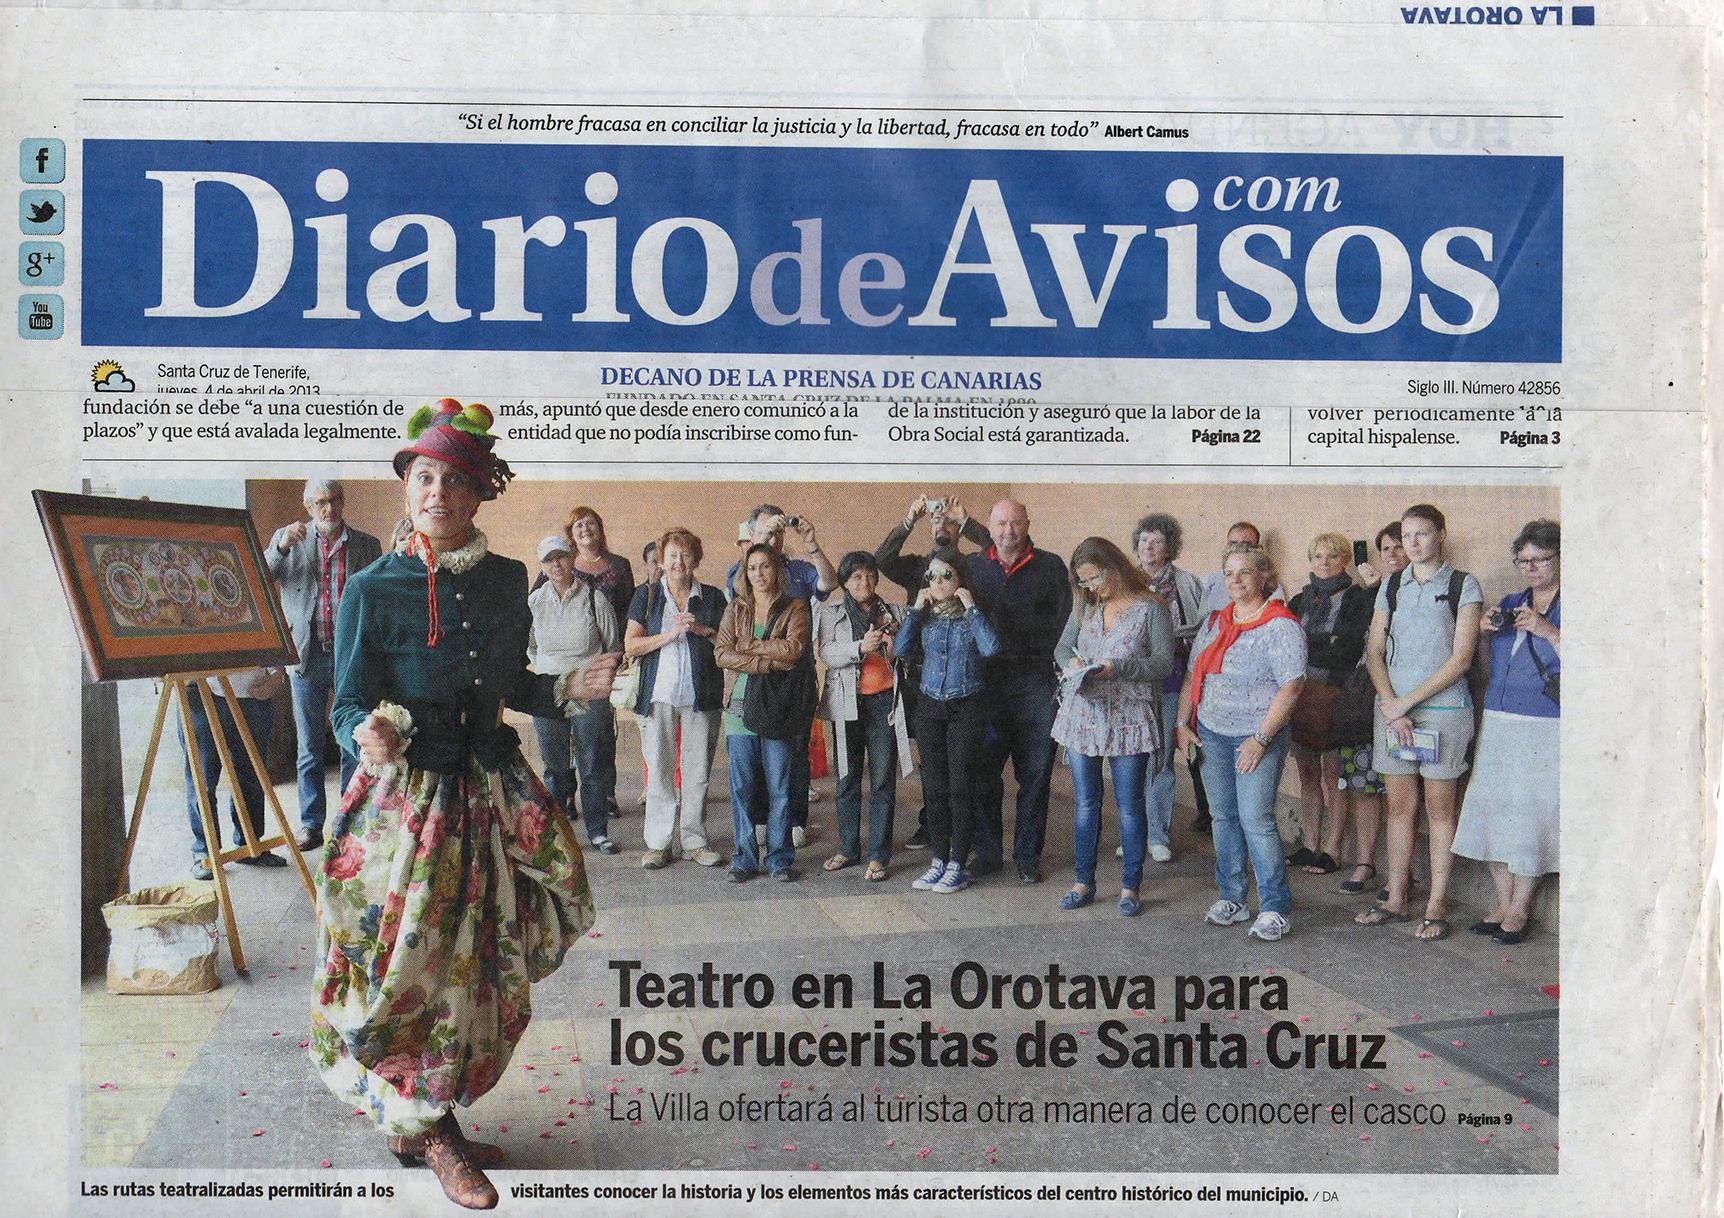 Diario de Avisos - 4 abril 2013